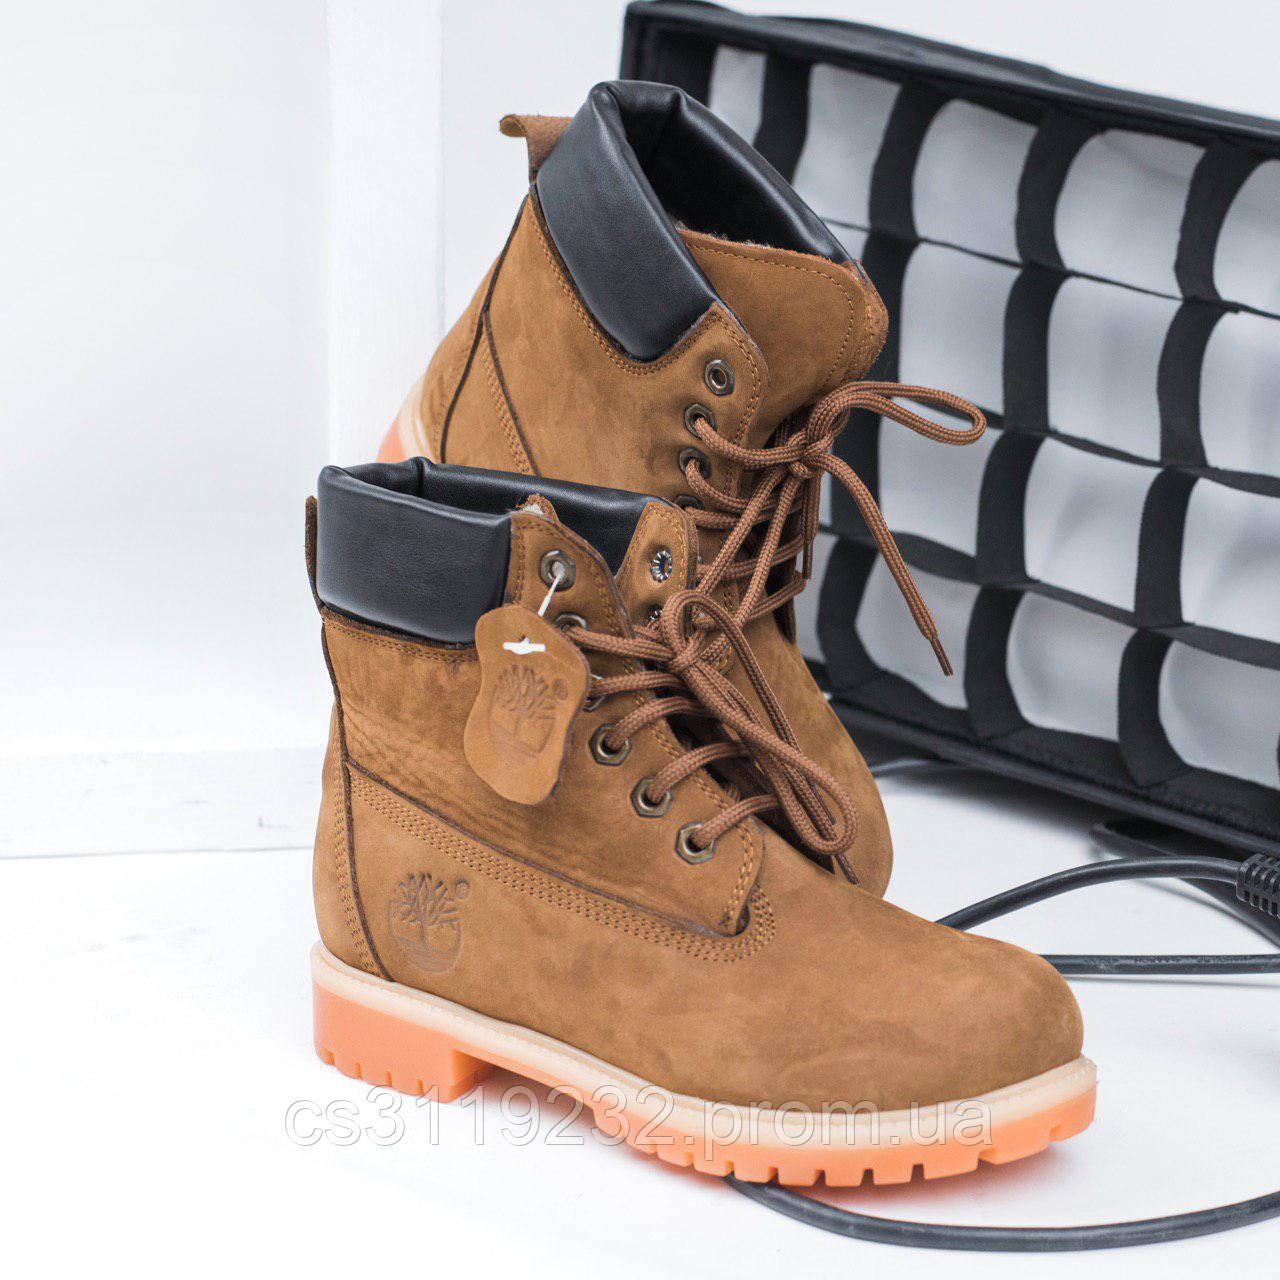 Женские ботинки зимние Timberland (мех) (шеколадные)